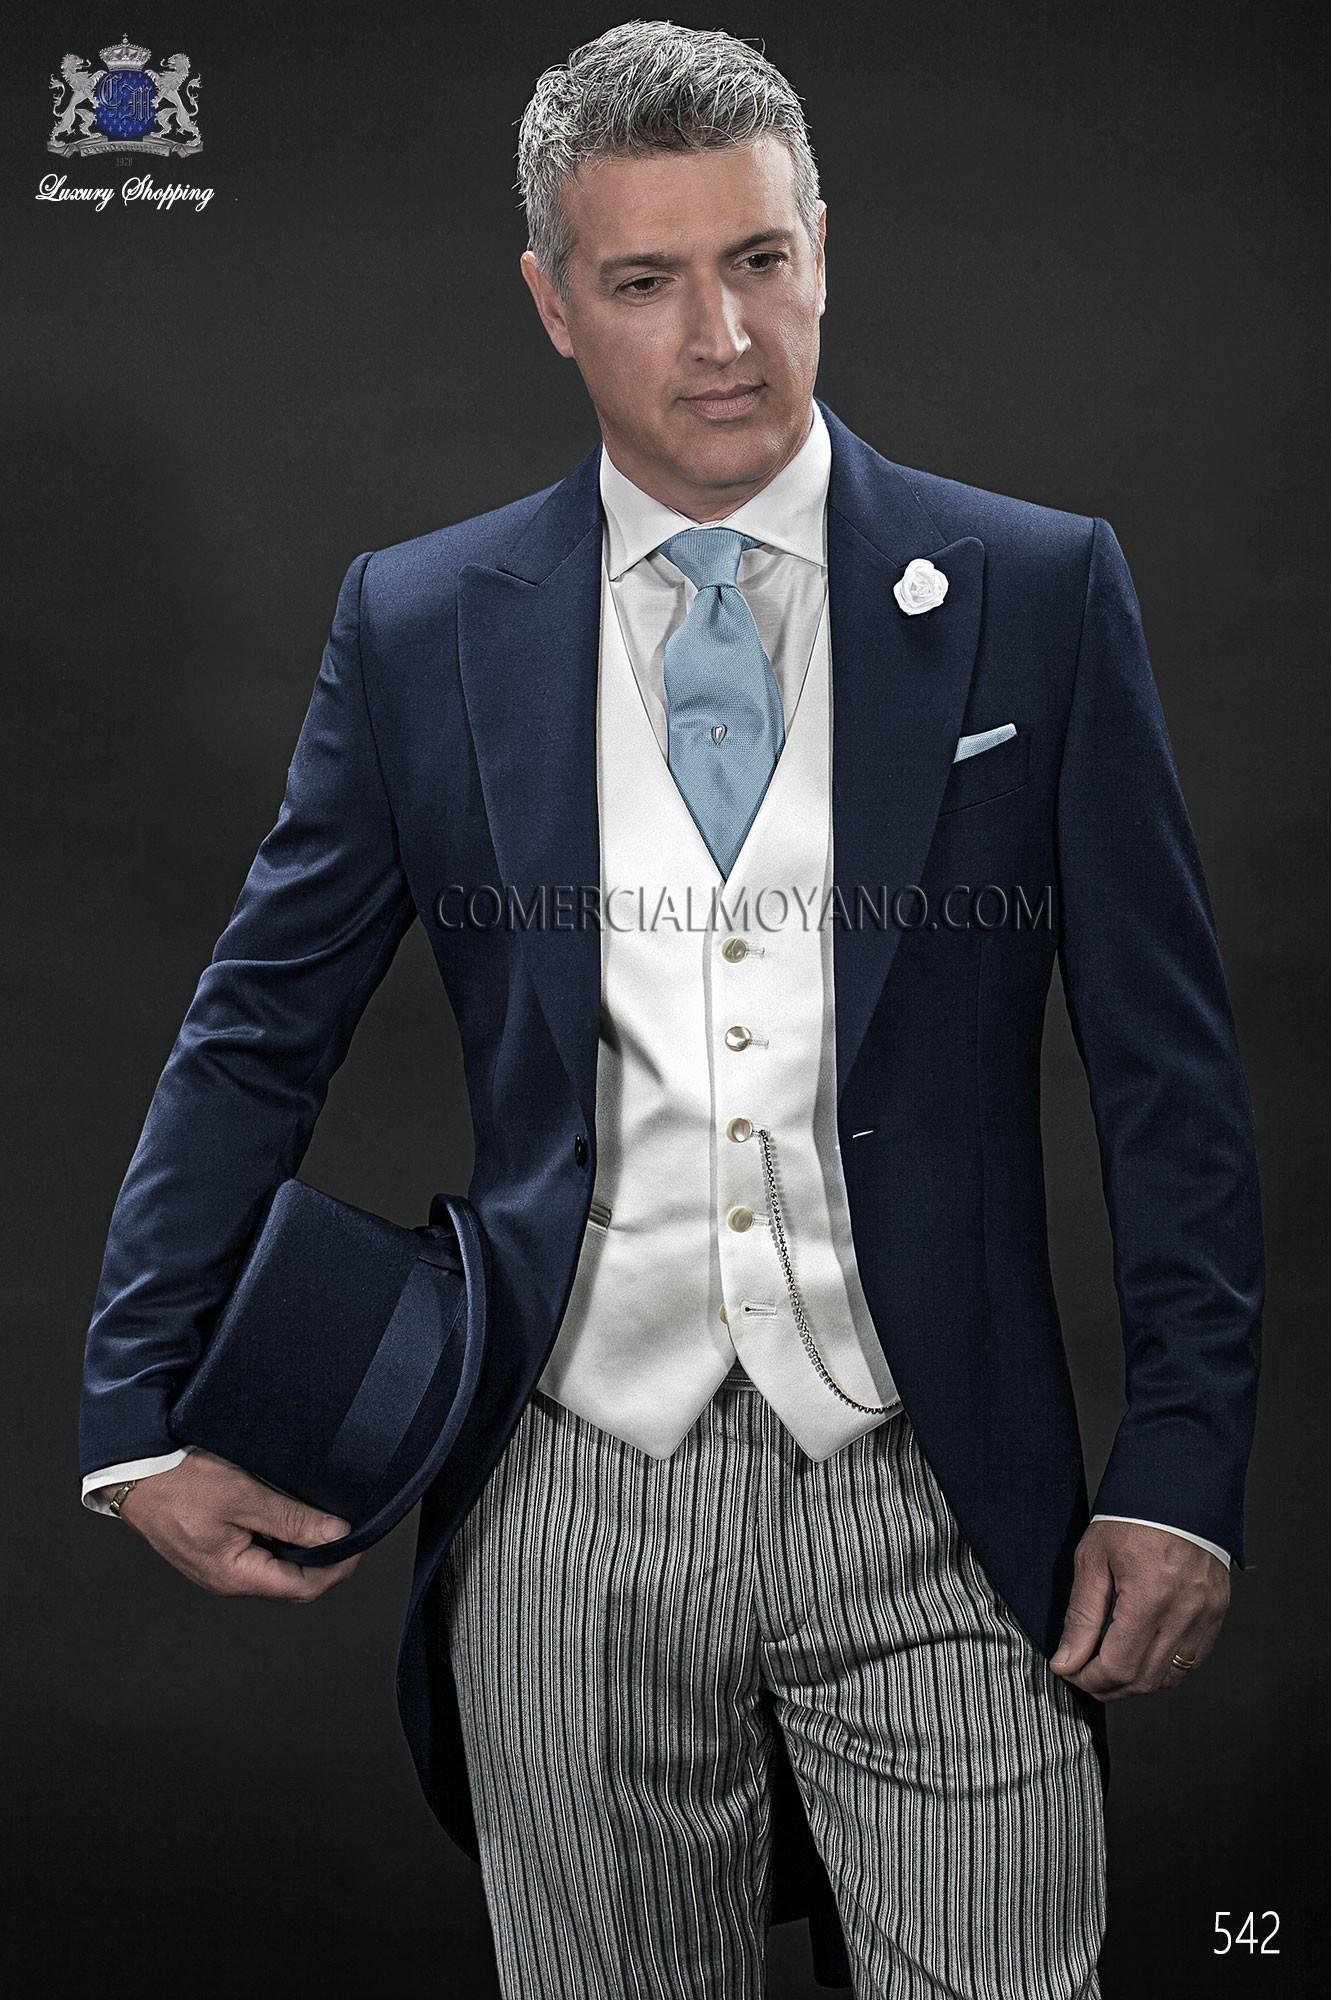 Traje de novio italiano azul modelo: 542 Ottavio Nuccio Gala colección Gentleman